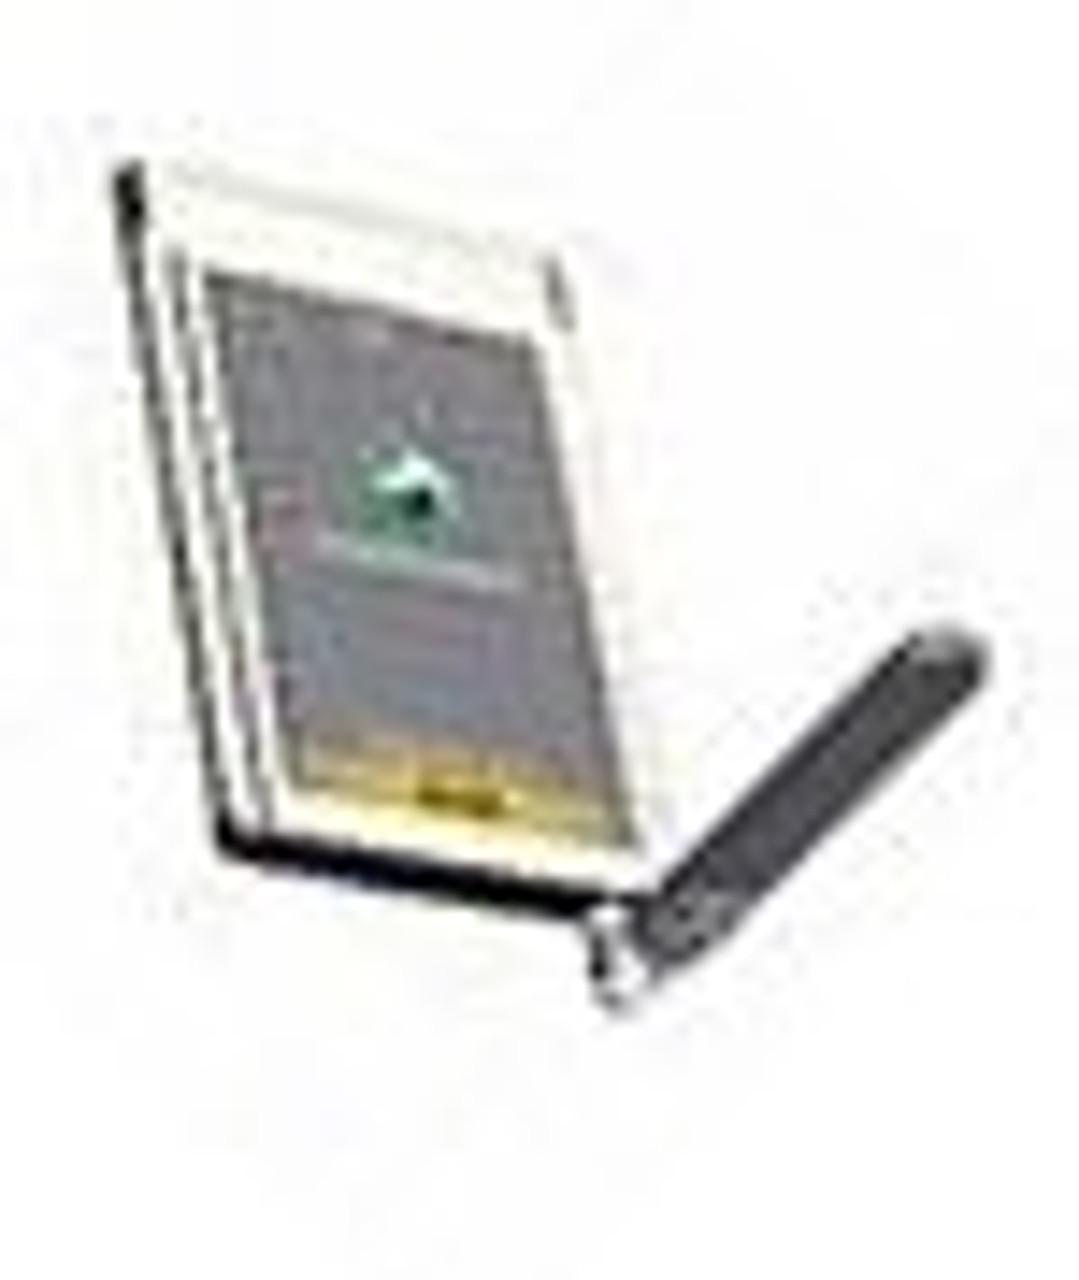 Sony Ericsson Cards